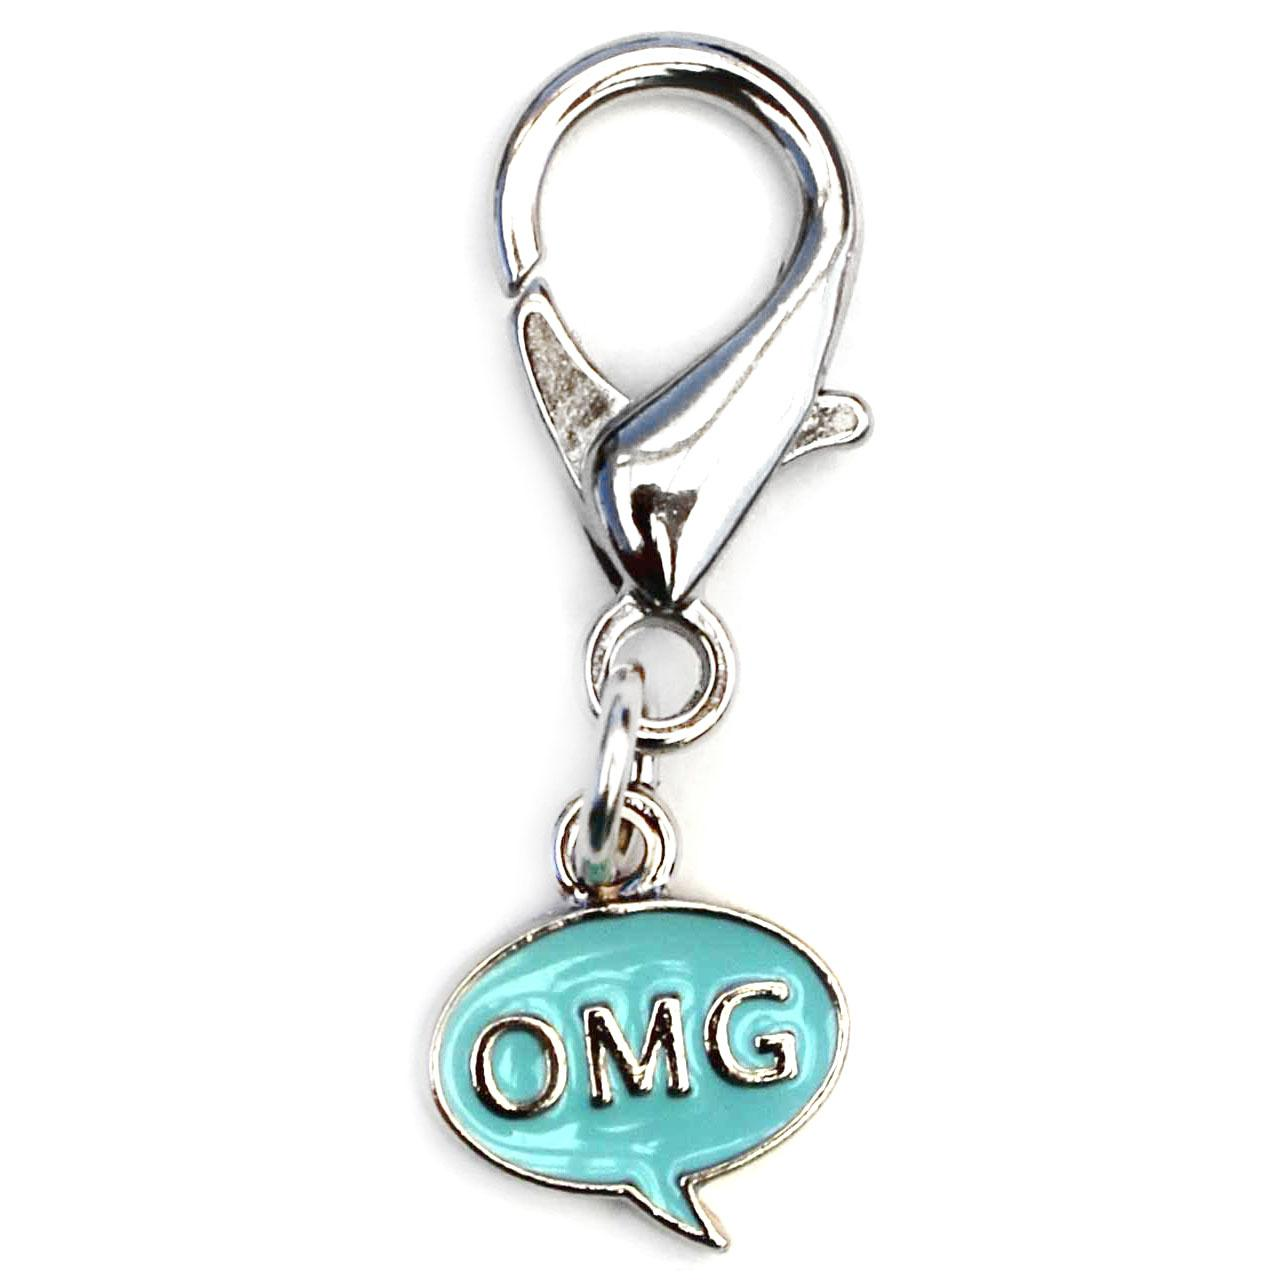 OMG! Dog Collar Charm - Blue